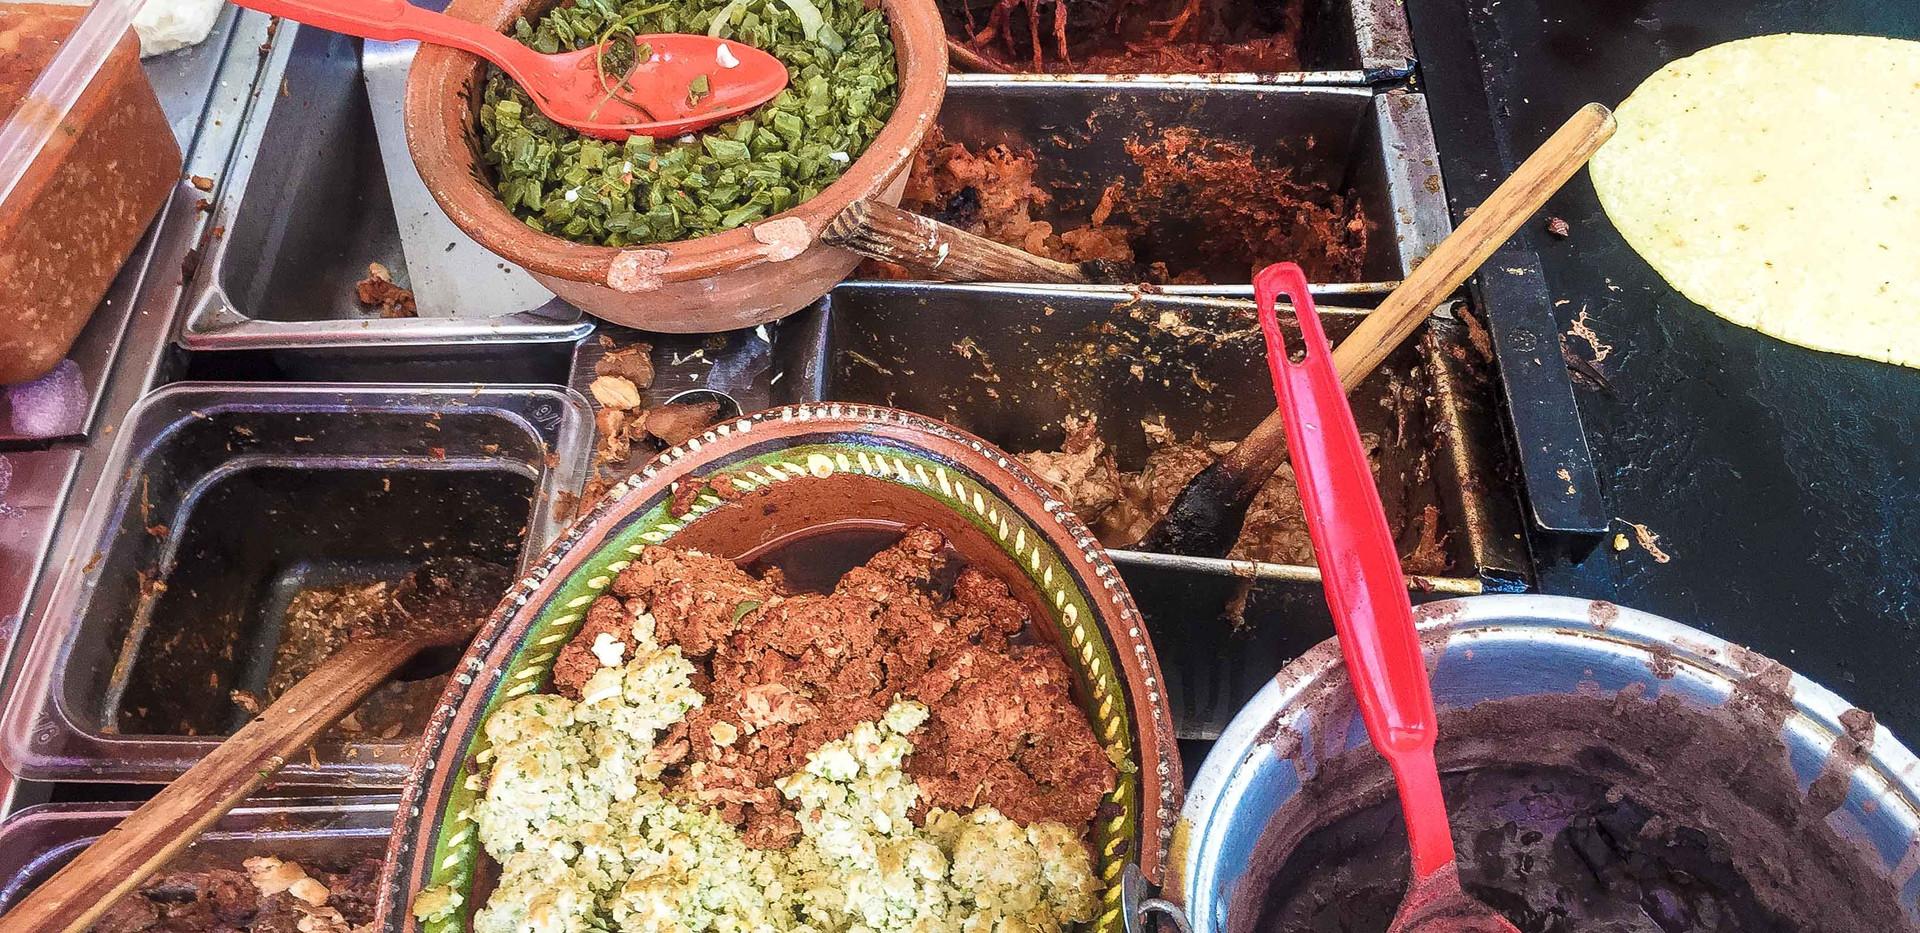 Elmilagro7-tasteofisla-islamujeres-food-